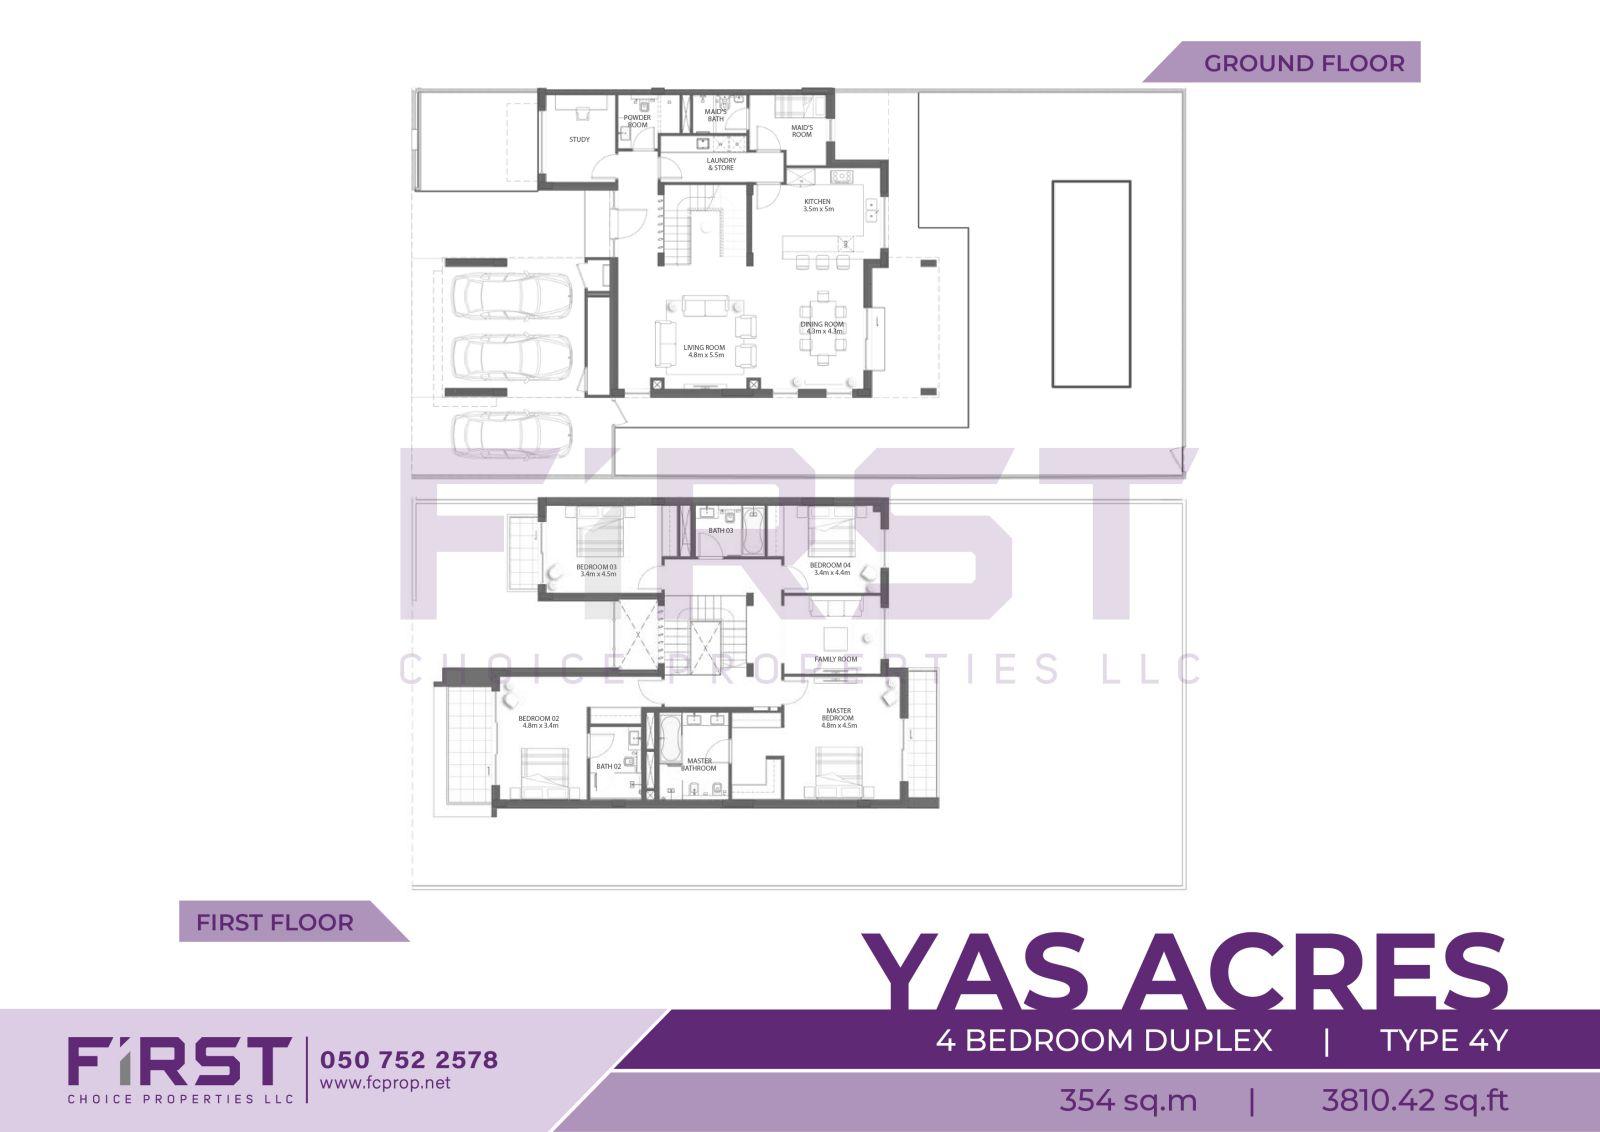 Floor Plan of 4 Bedroom Duplex Type 4Y in Yas Acres Yas Island Abu Dhabi UAE 354 sq.m 3810.42 sq.ft.jpg